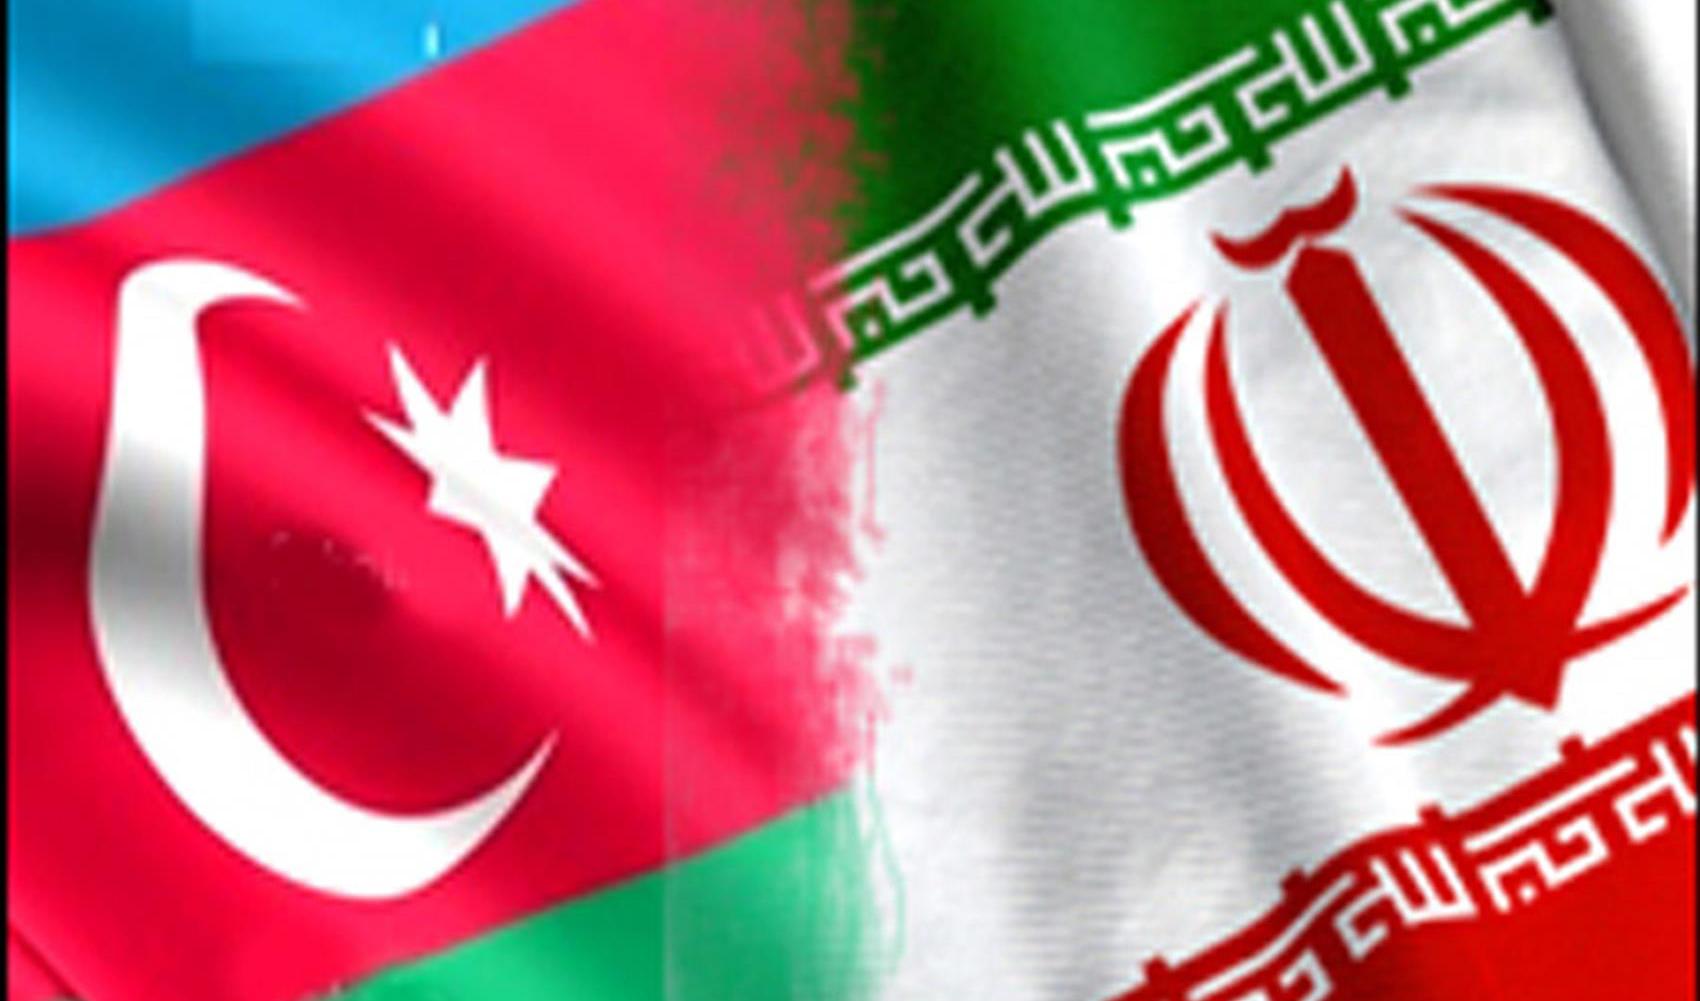 امضای تفاهم نامه ایجاد شهرک صنعتی مرزی ایران و جمهوری آذربایجان